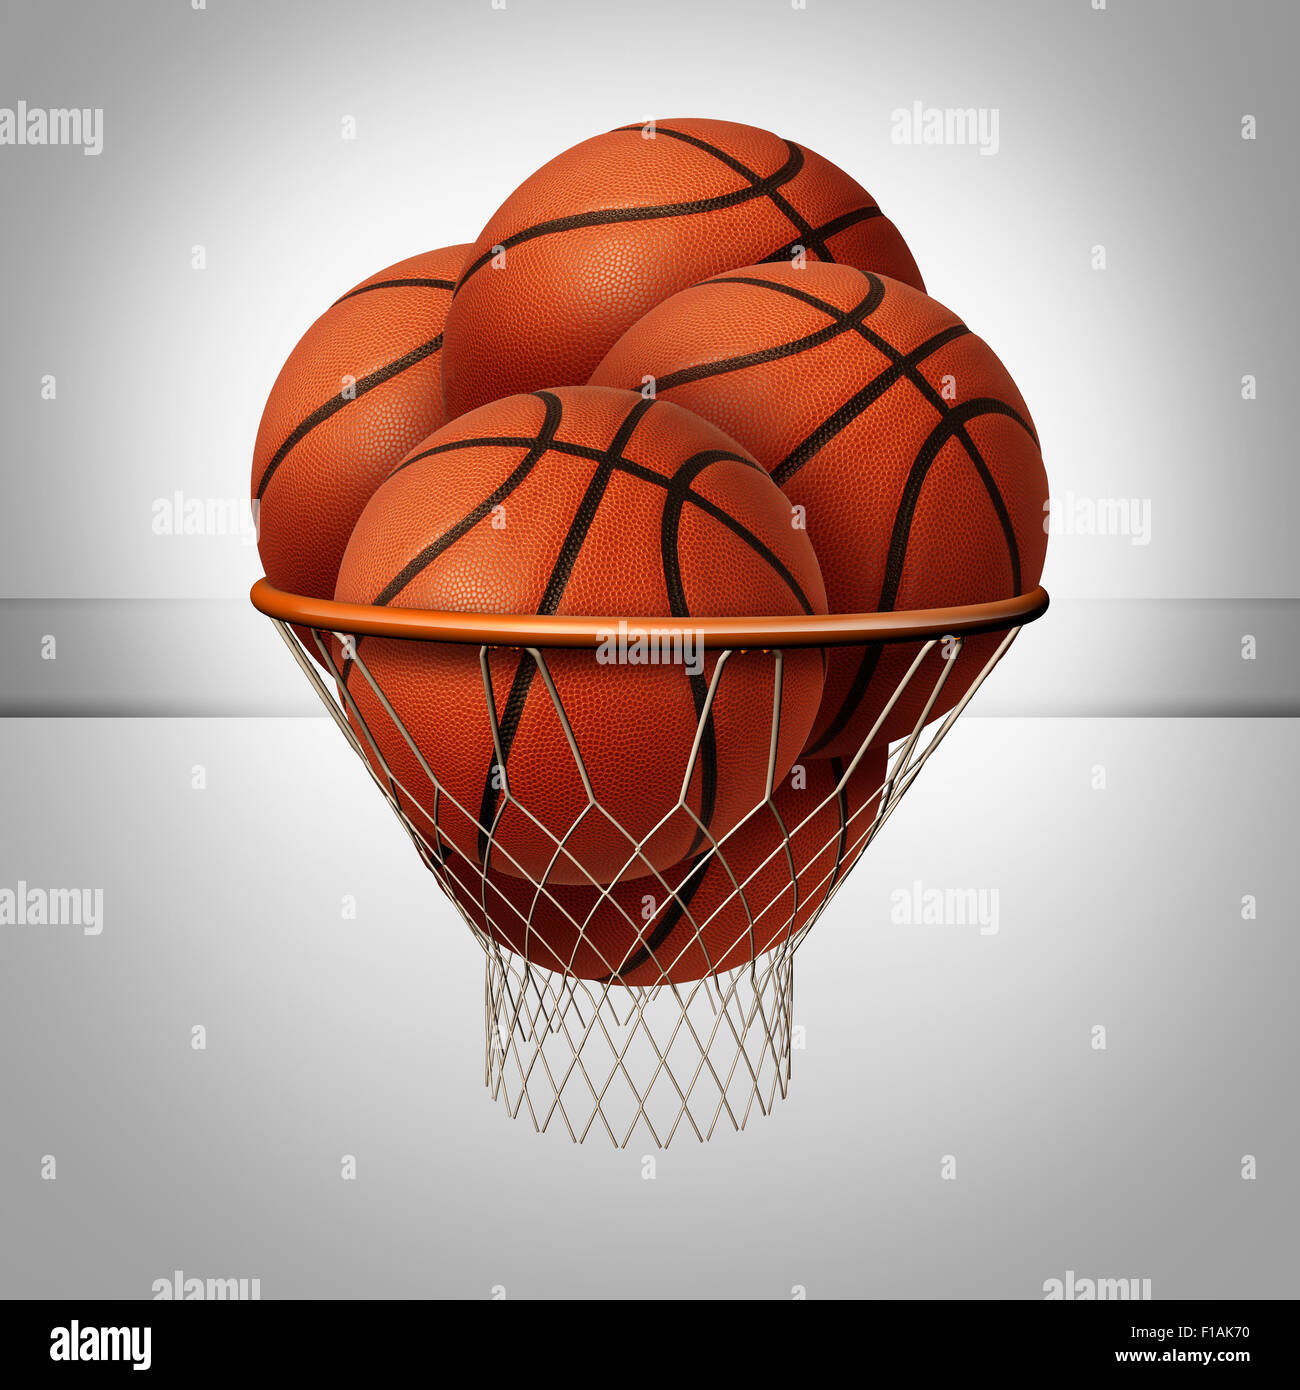 Wohlstand-Konzept und über den oberen Erfolgsgrad als eine Gruppe von Basketbälle in einen Basketballkorb Stockbild